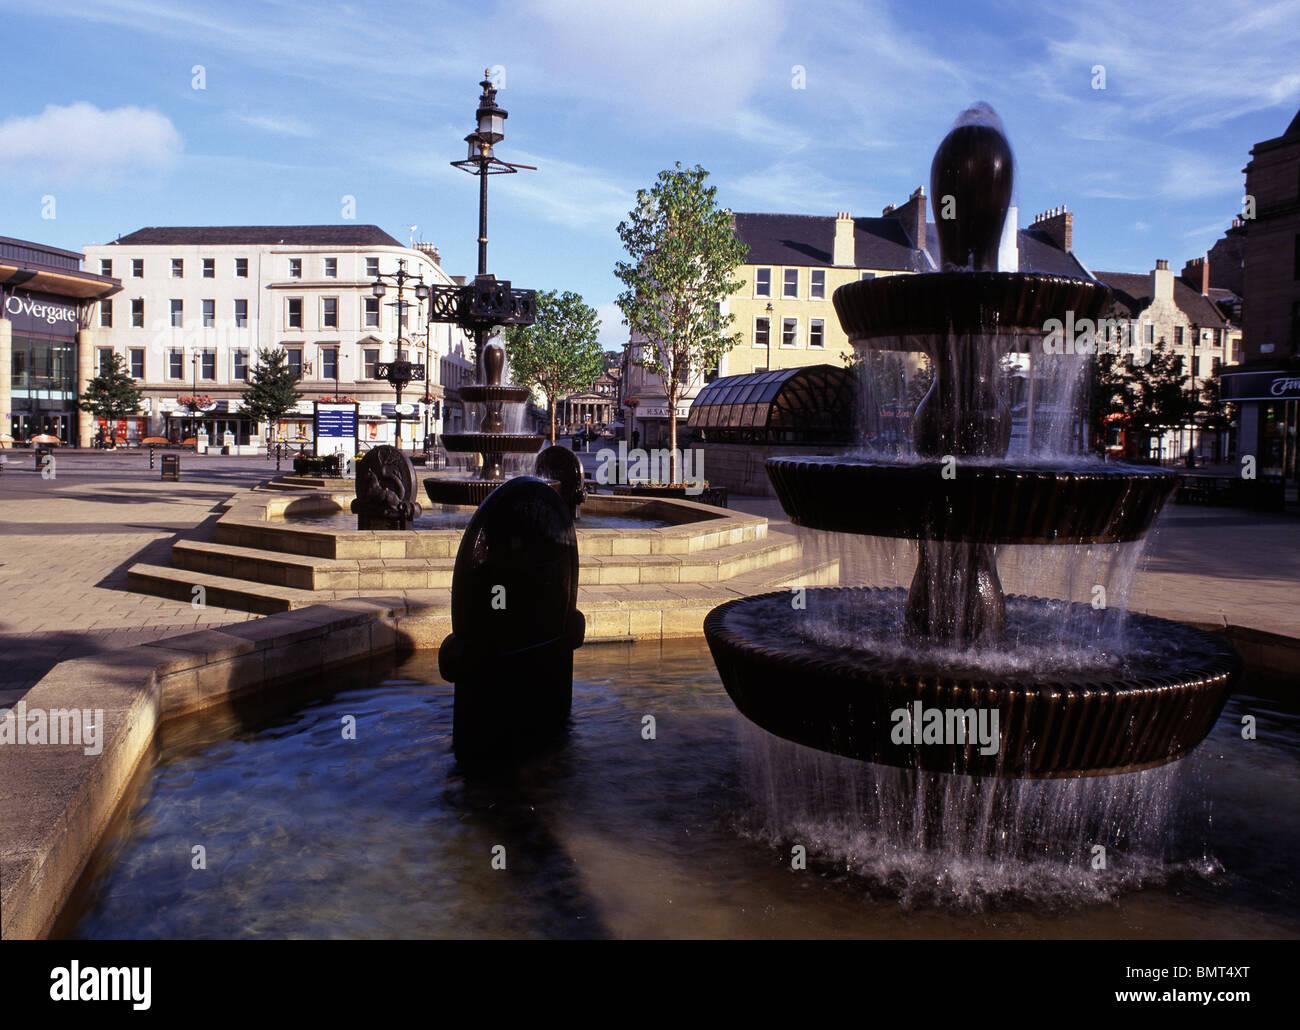 City Square, Dundee, Tayside, Scotland, U.K. - Stock Image